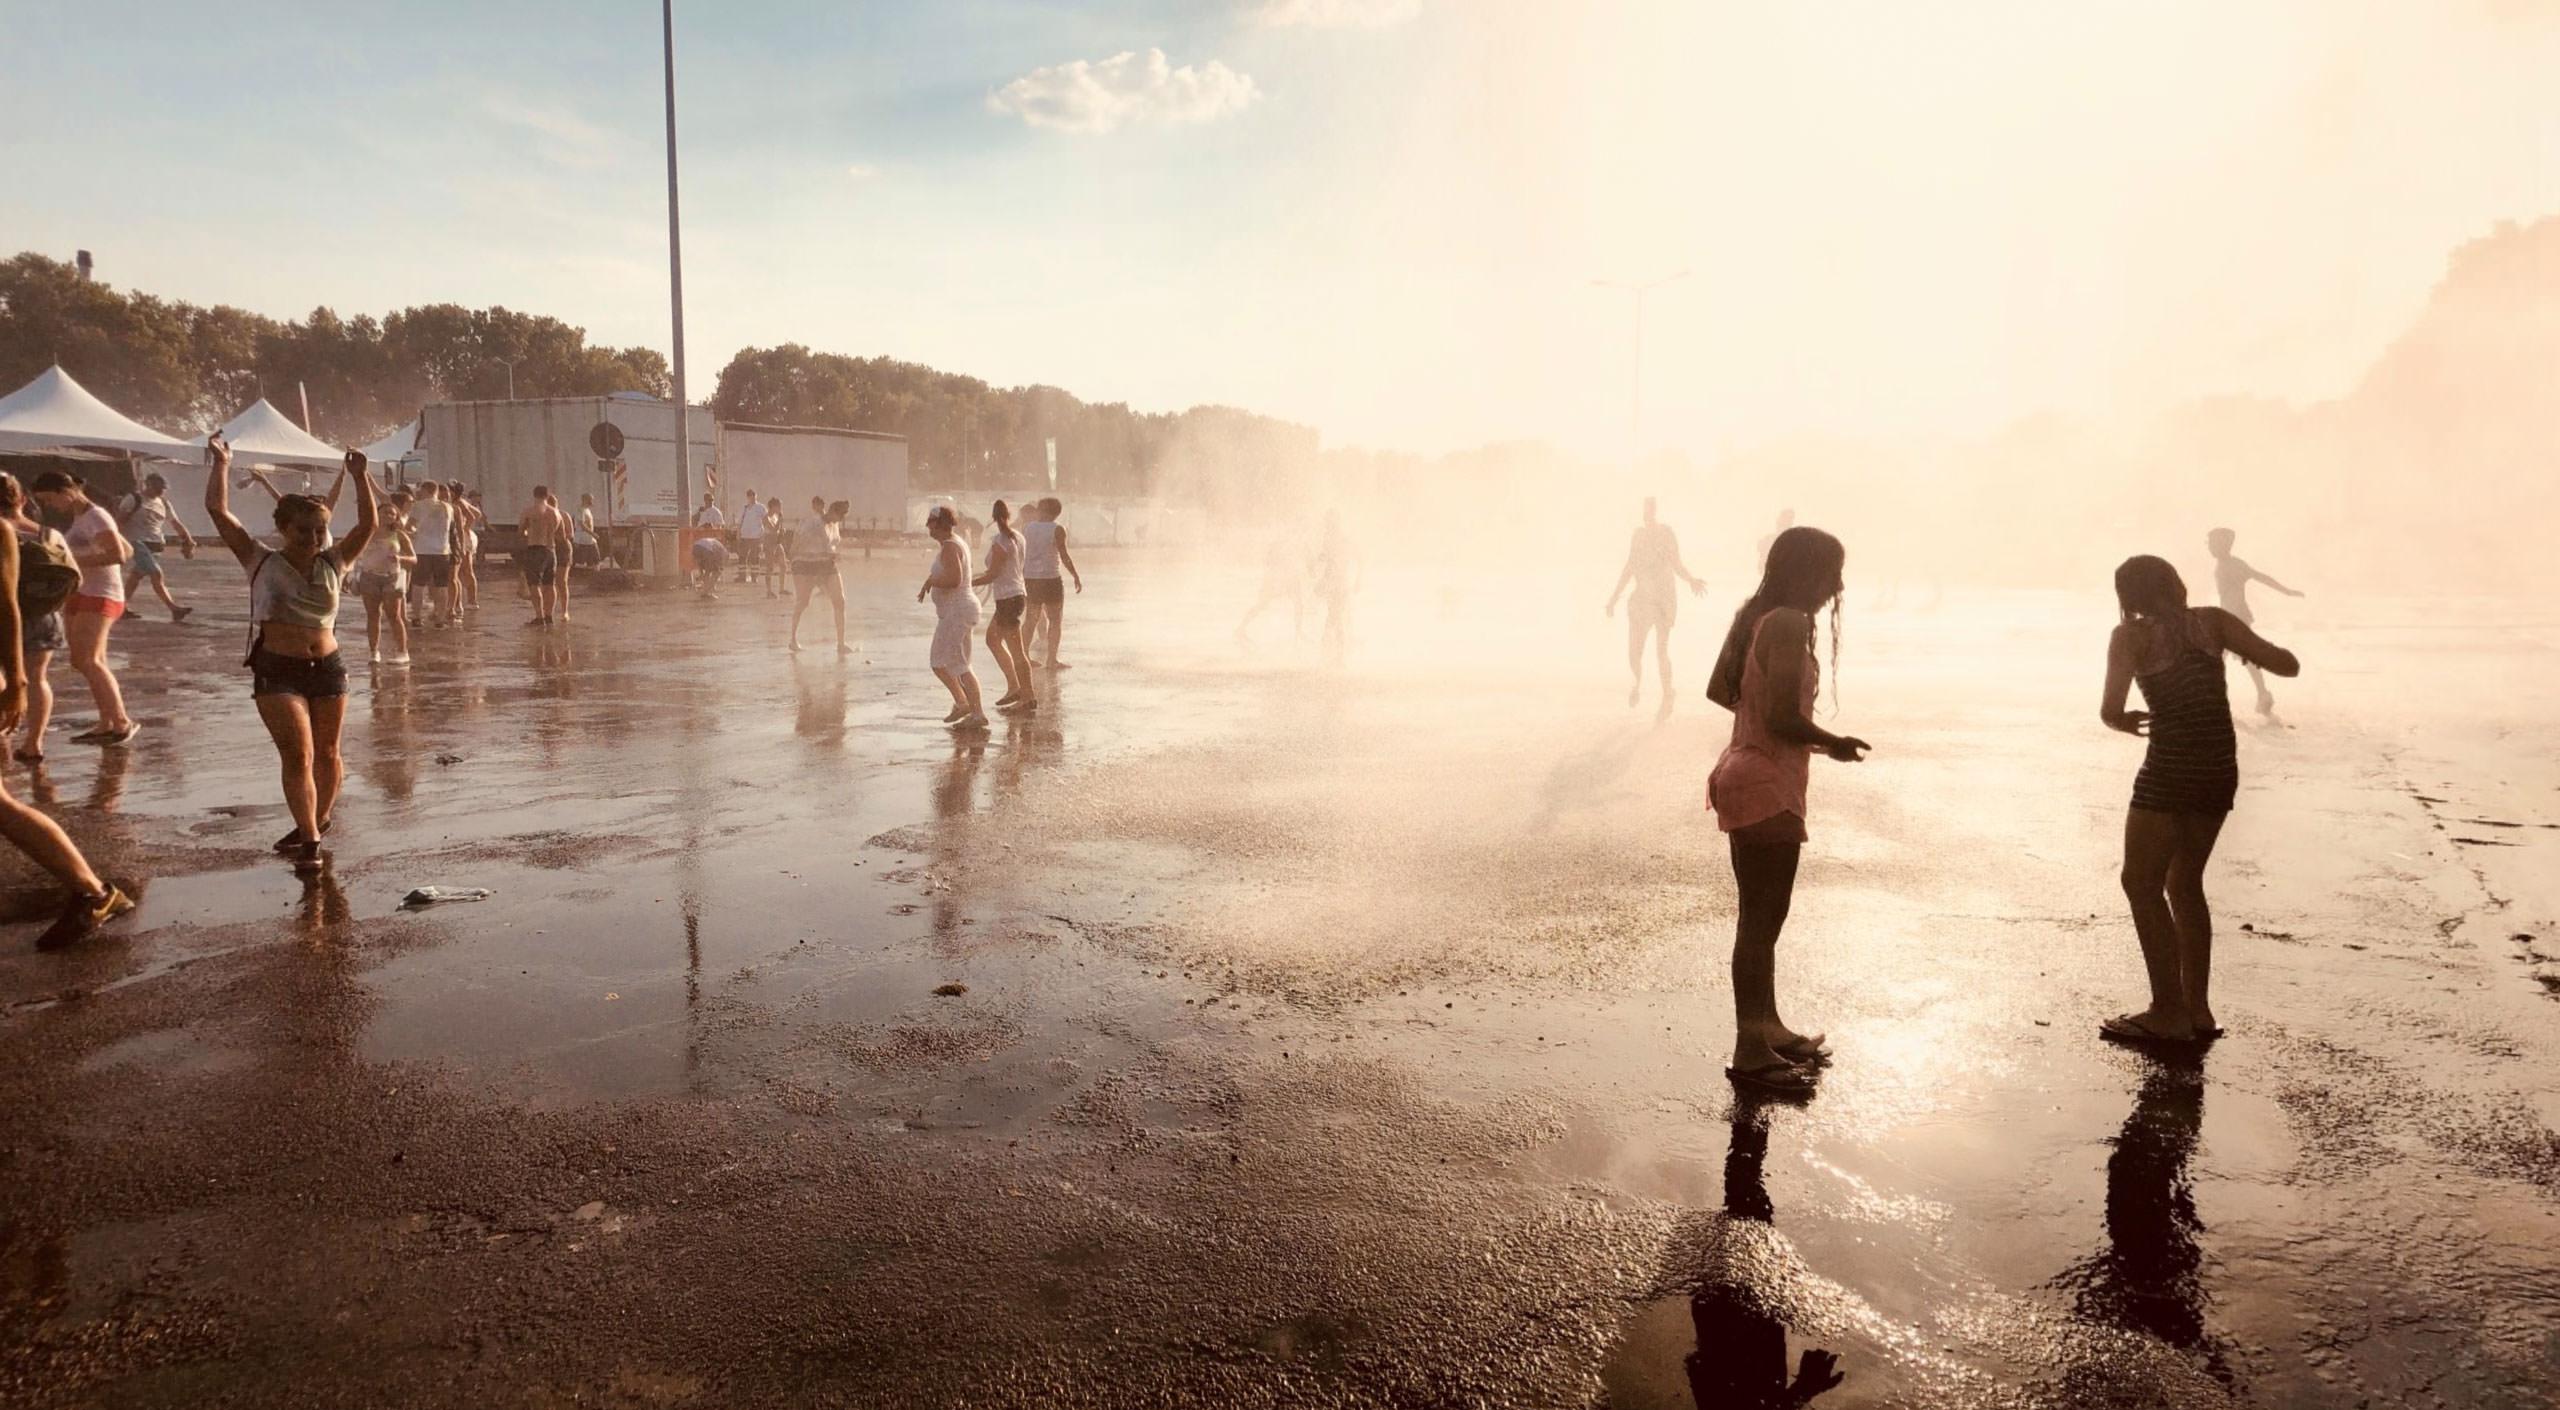 Die brutzelnden Festivalbesucher waren sichtlich erfreut über die kalte Dusche | Foto: Luigi Toscano (luigi-toscano.de)